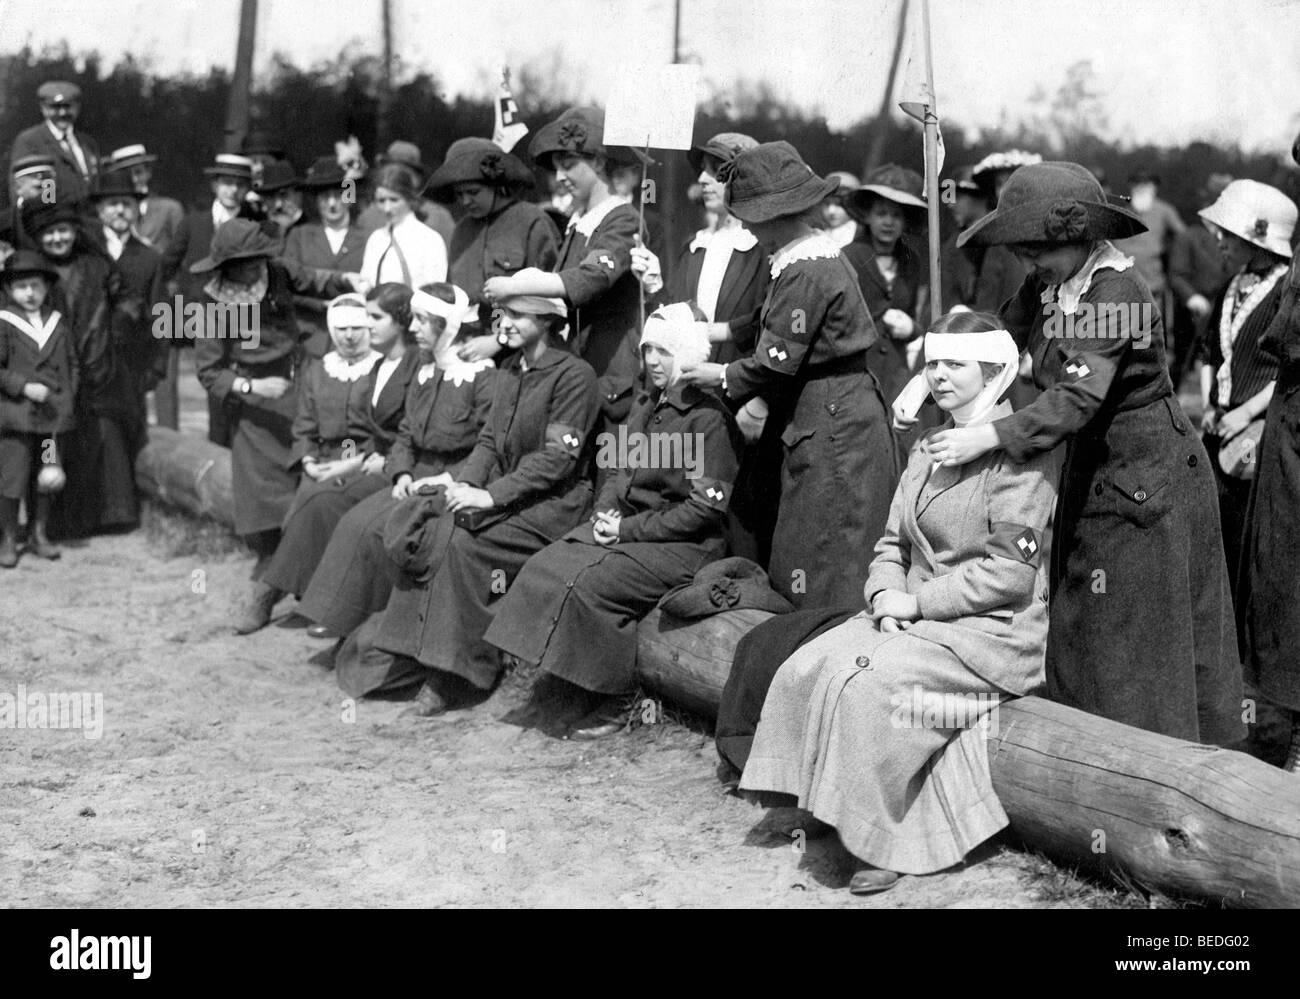 Historisches Foto, Sanitäter, Ausbildung, um 1915 Stockbild